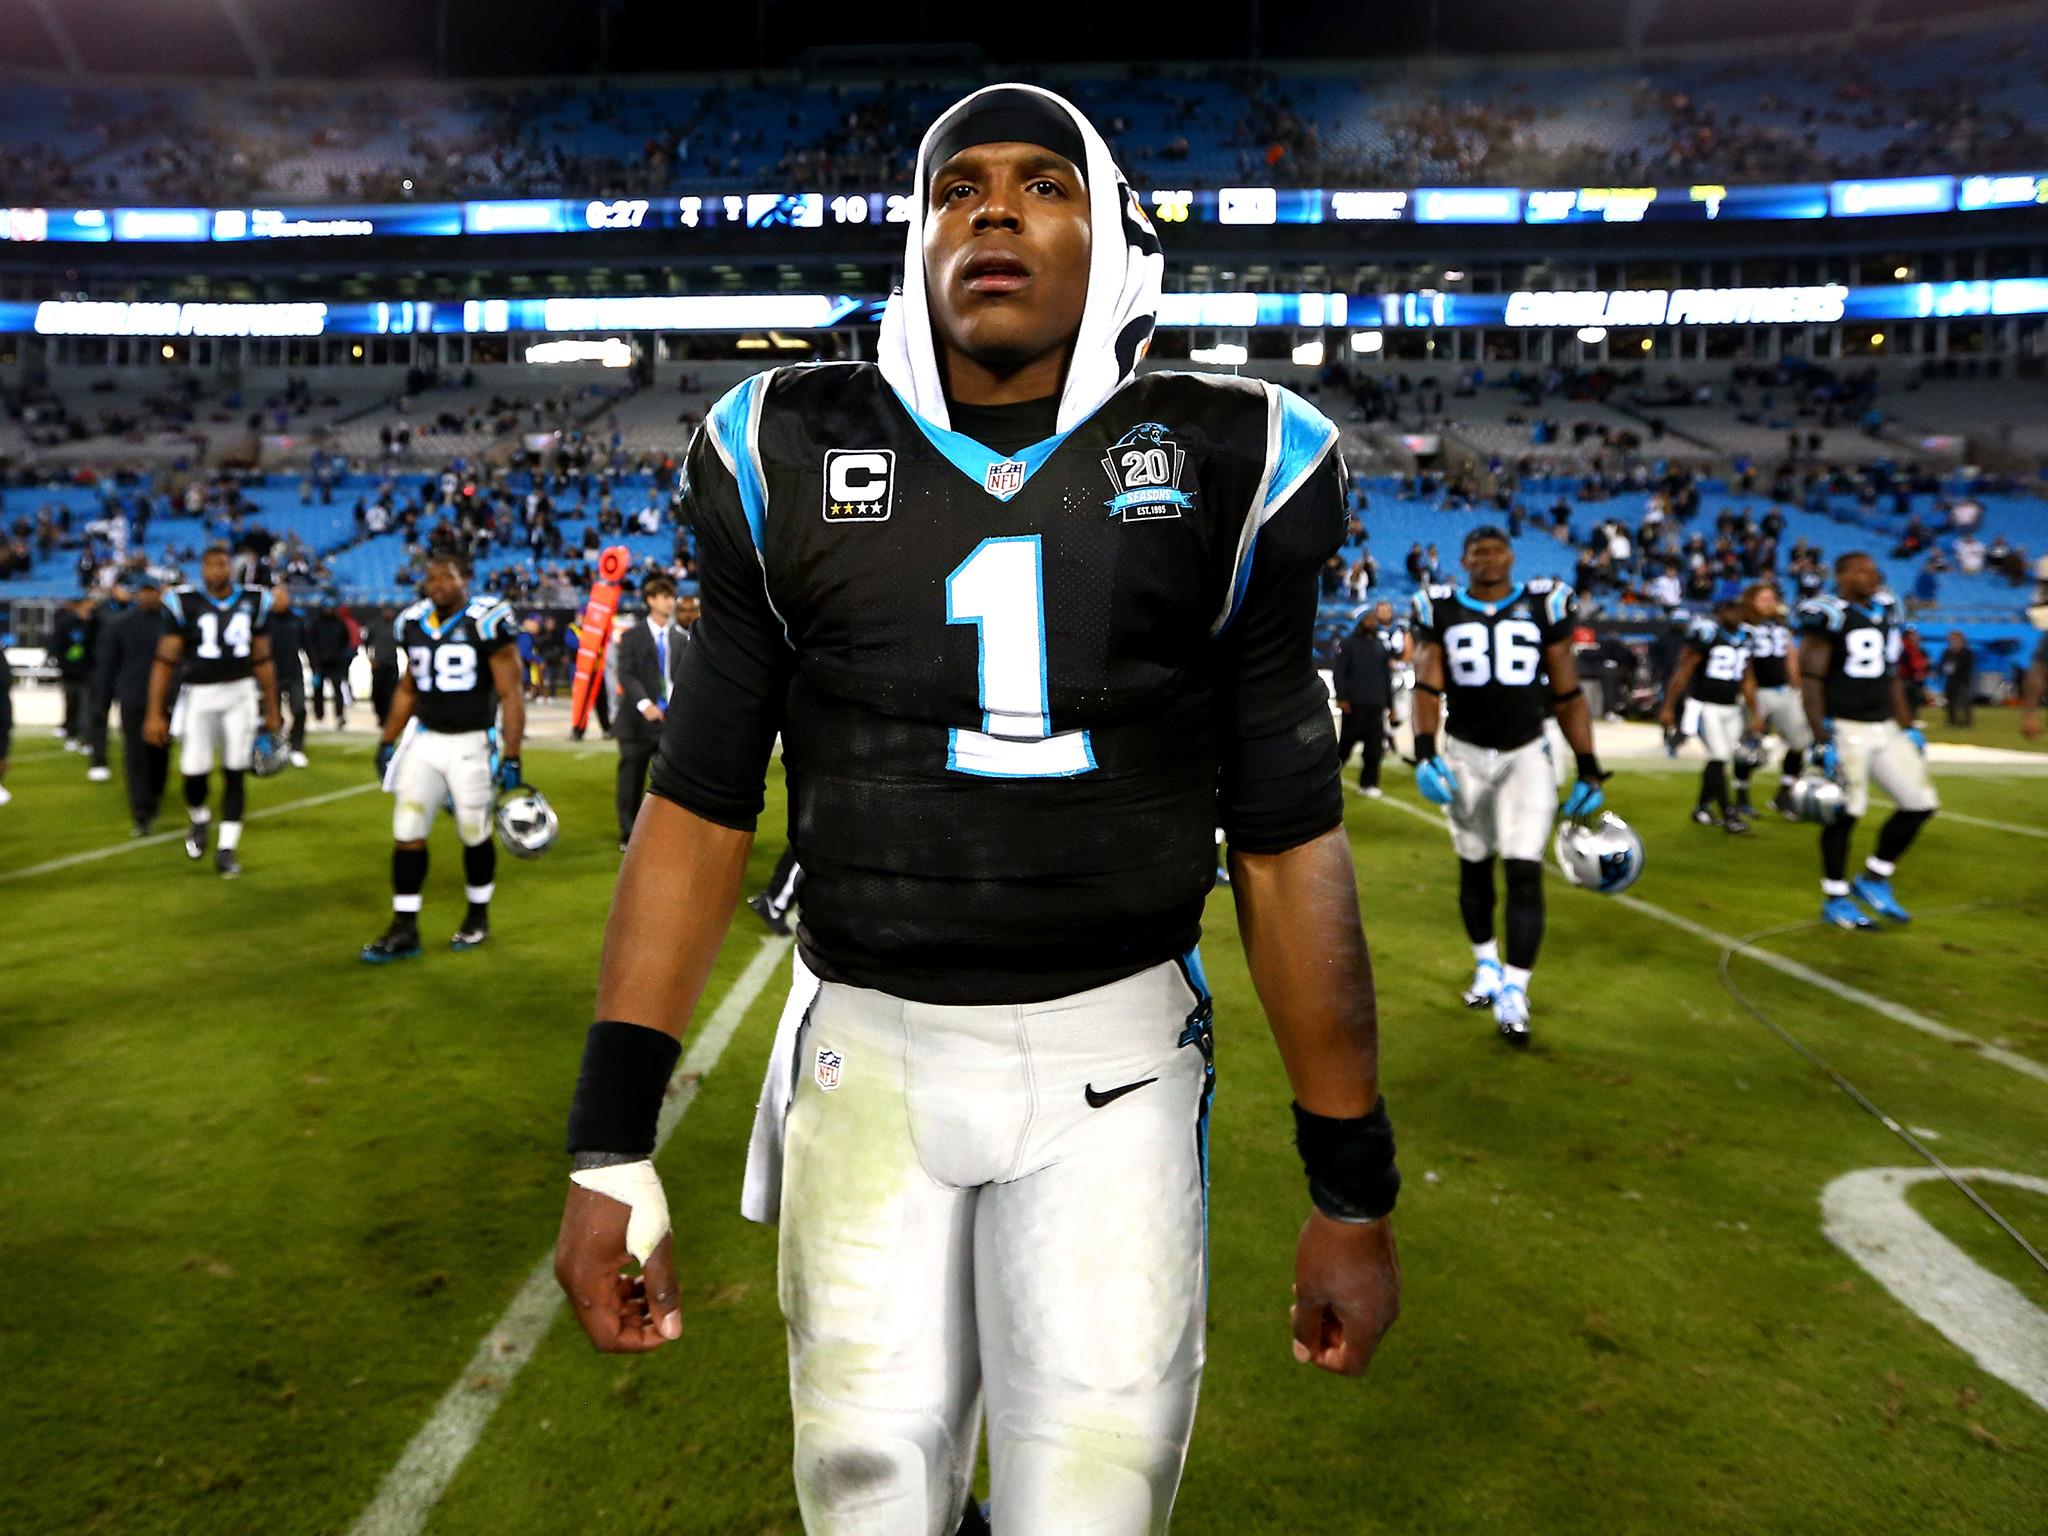 Cam Newton car crash: Carolina Panthers quarterback injured after accident  | The Independent